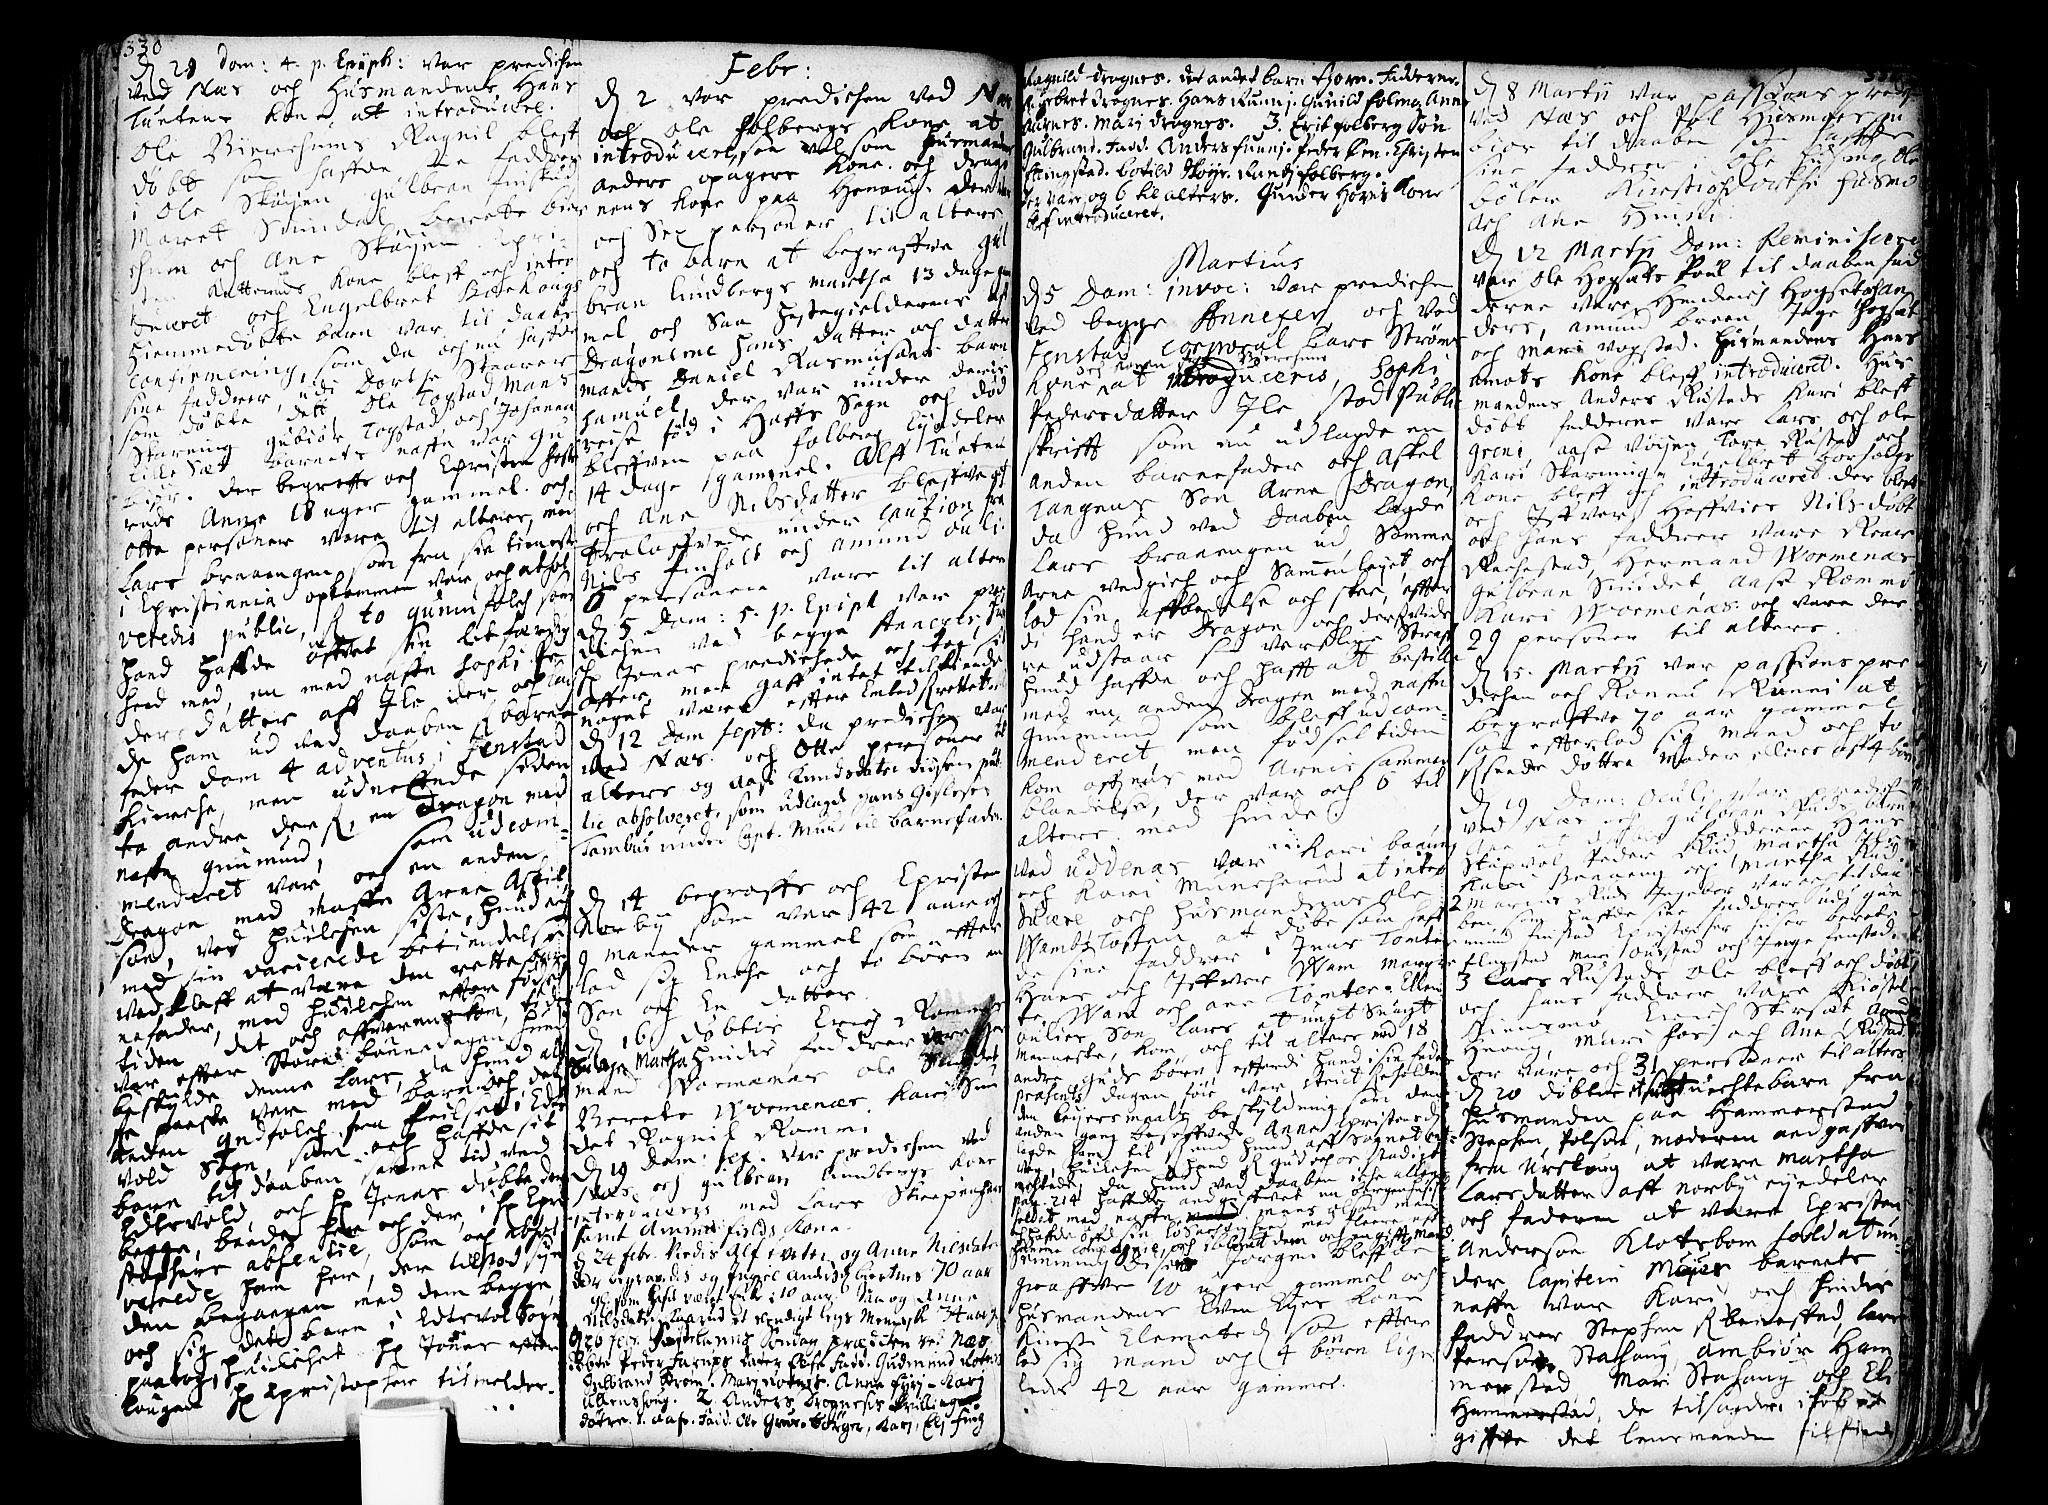 SAO, Nes prestekontor Kirkebøker, F/Fa/L0001: Ministerialbok nr. I 1, 1689-1716, s. 330-331